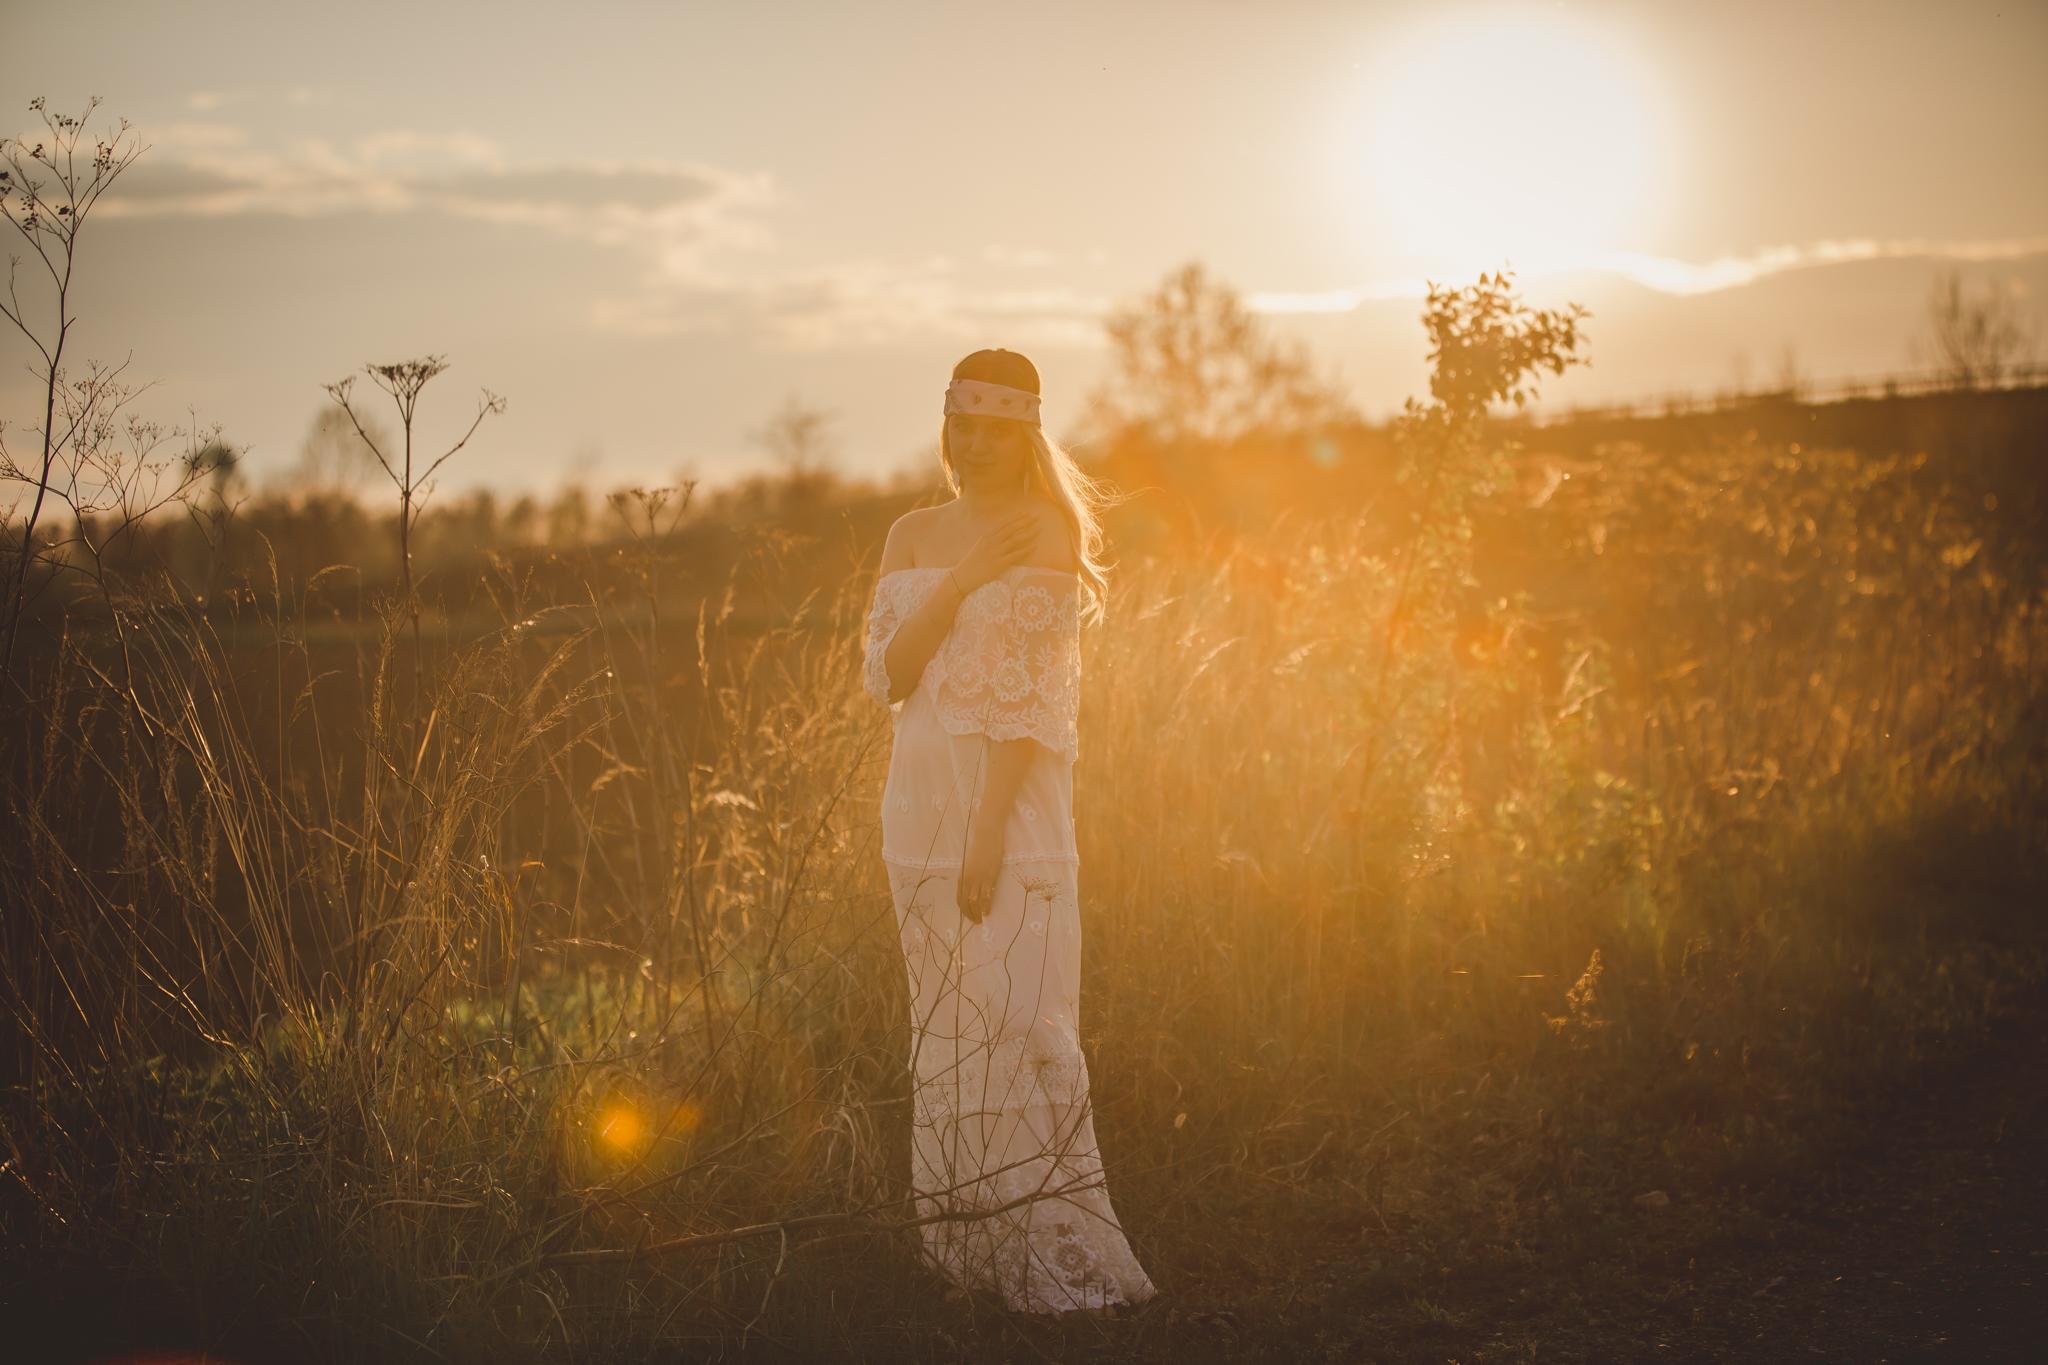 Pissors Marietta Photography portre